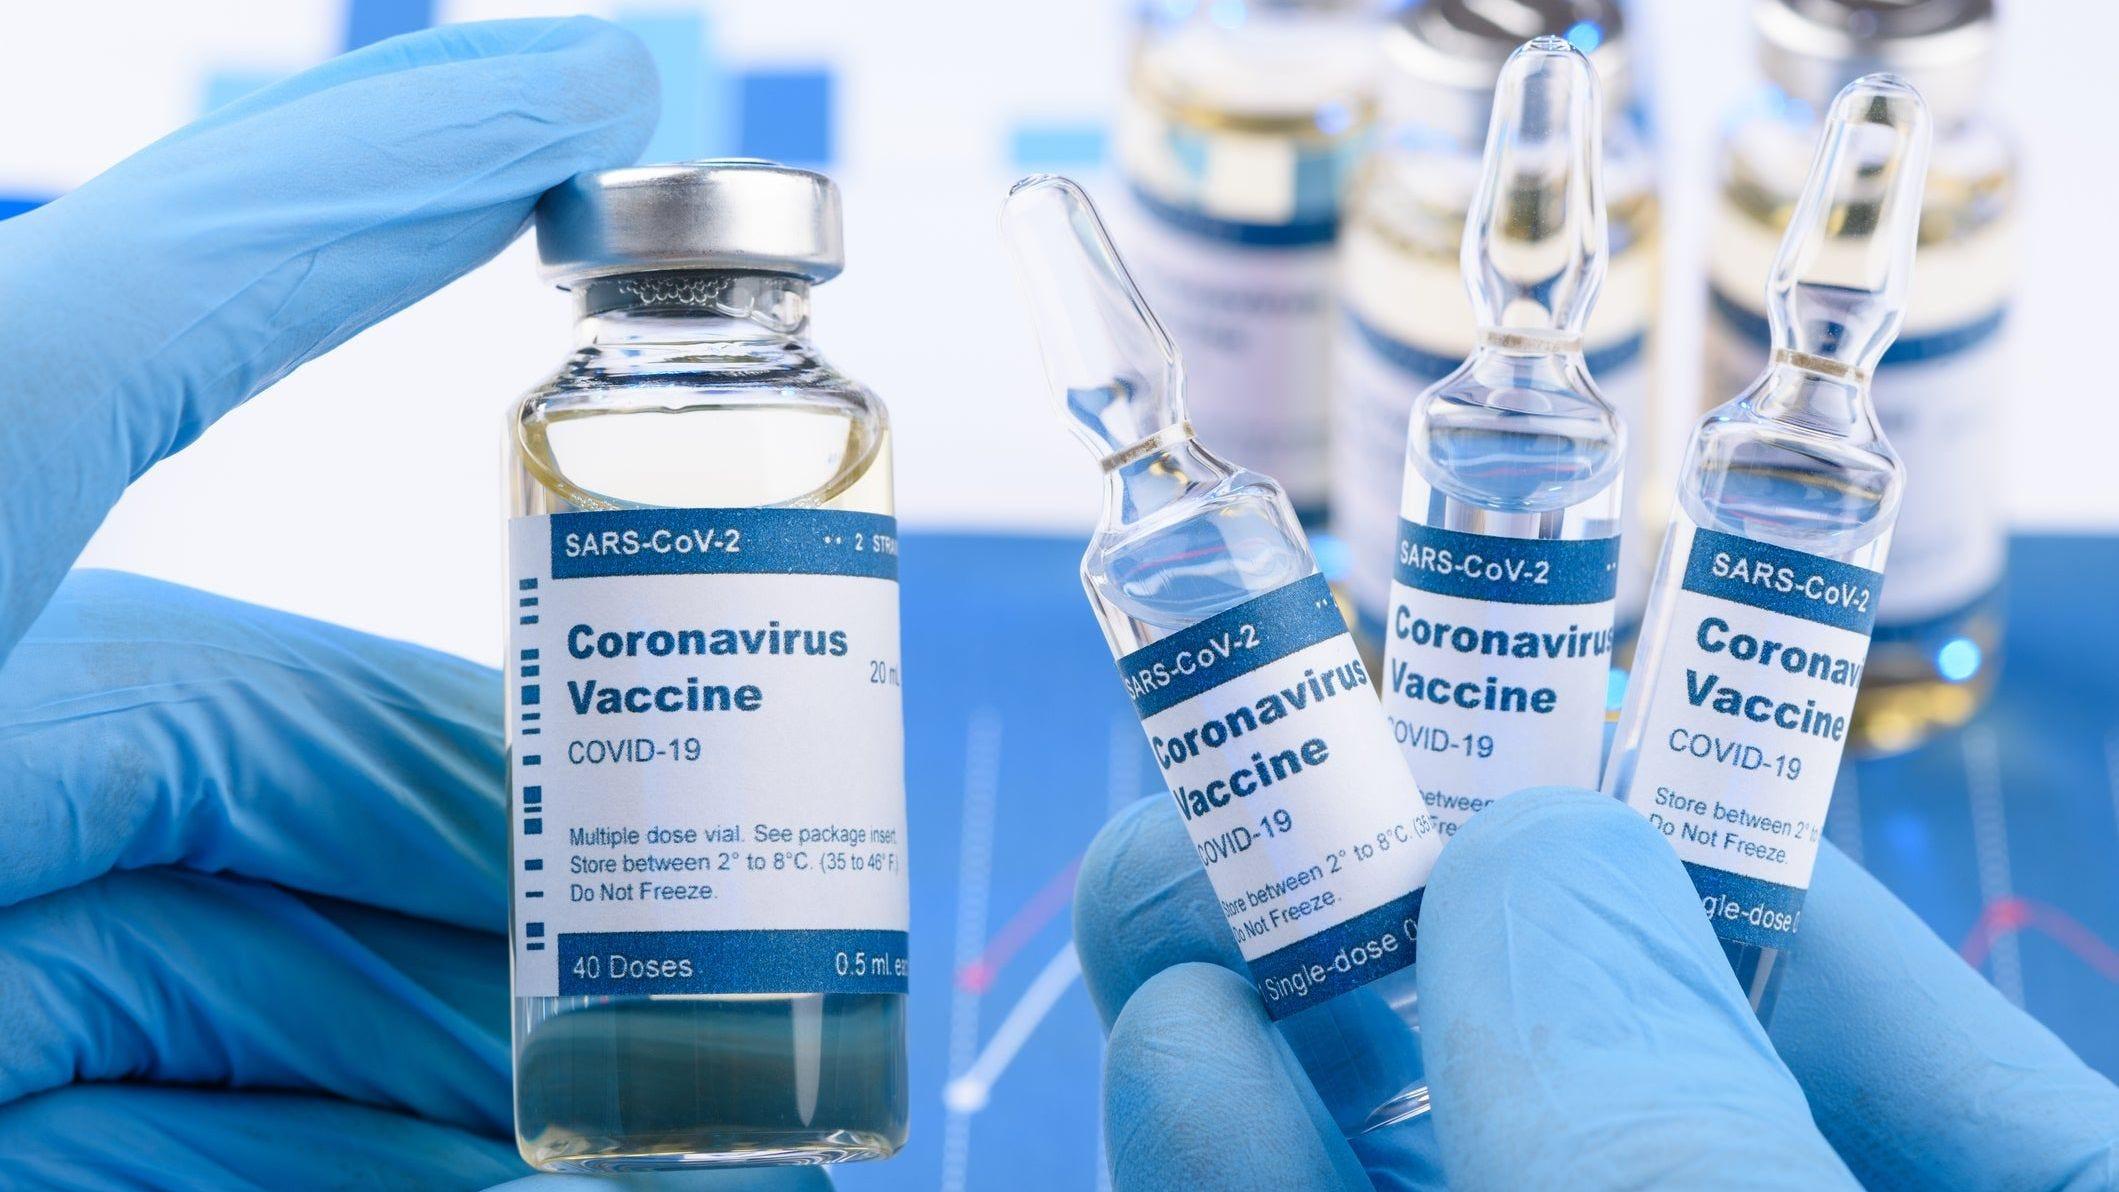 Εμβόλιο εμπιστοσύνη: Πολωνοί, Αμερικανοί και Γάλλοι οι πιο δύσπιστοι